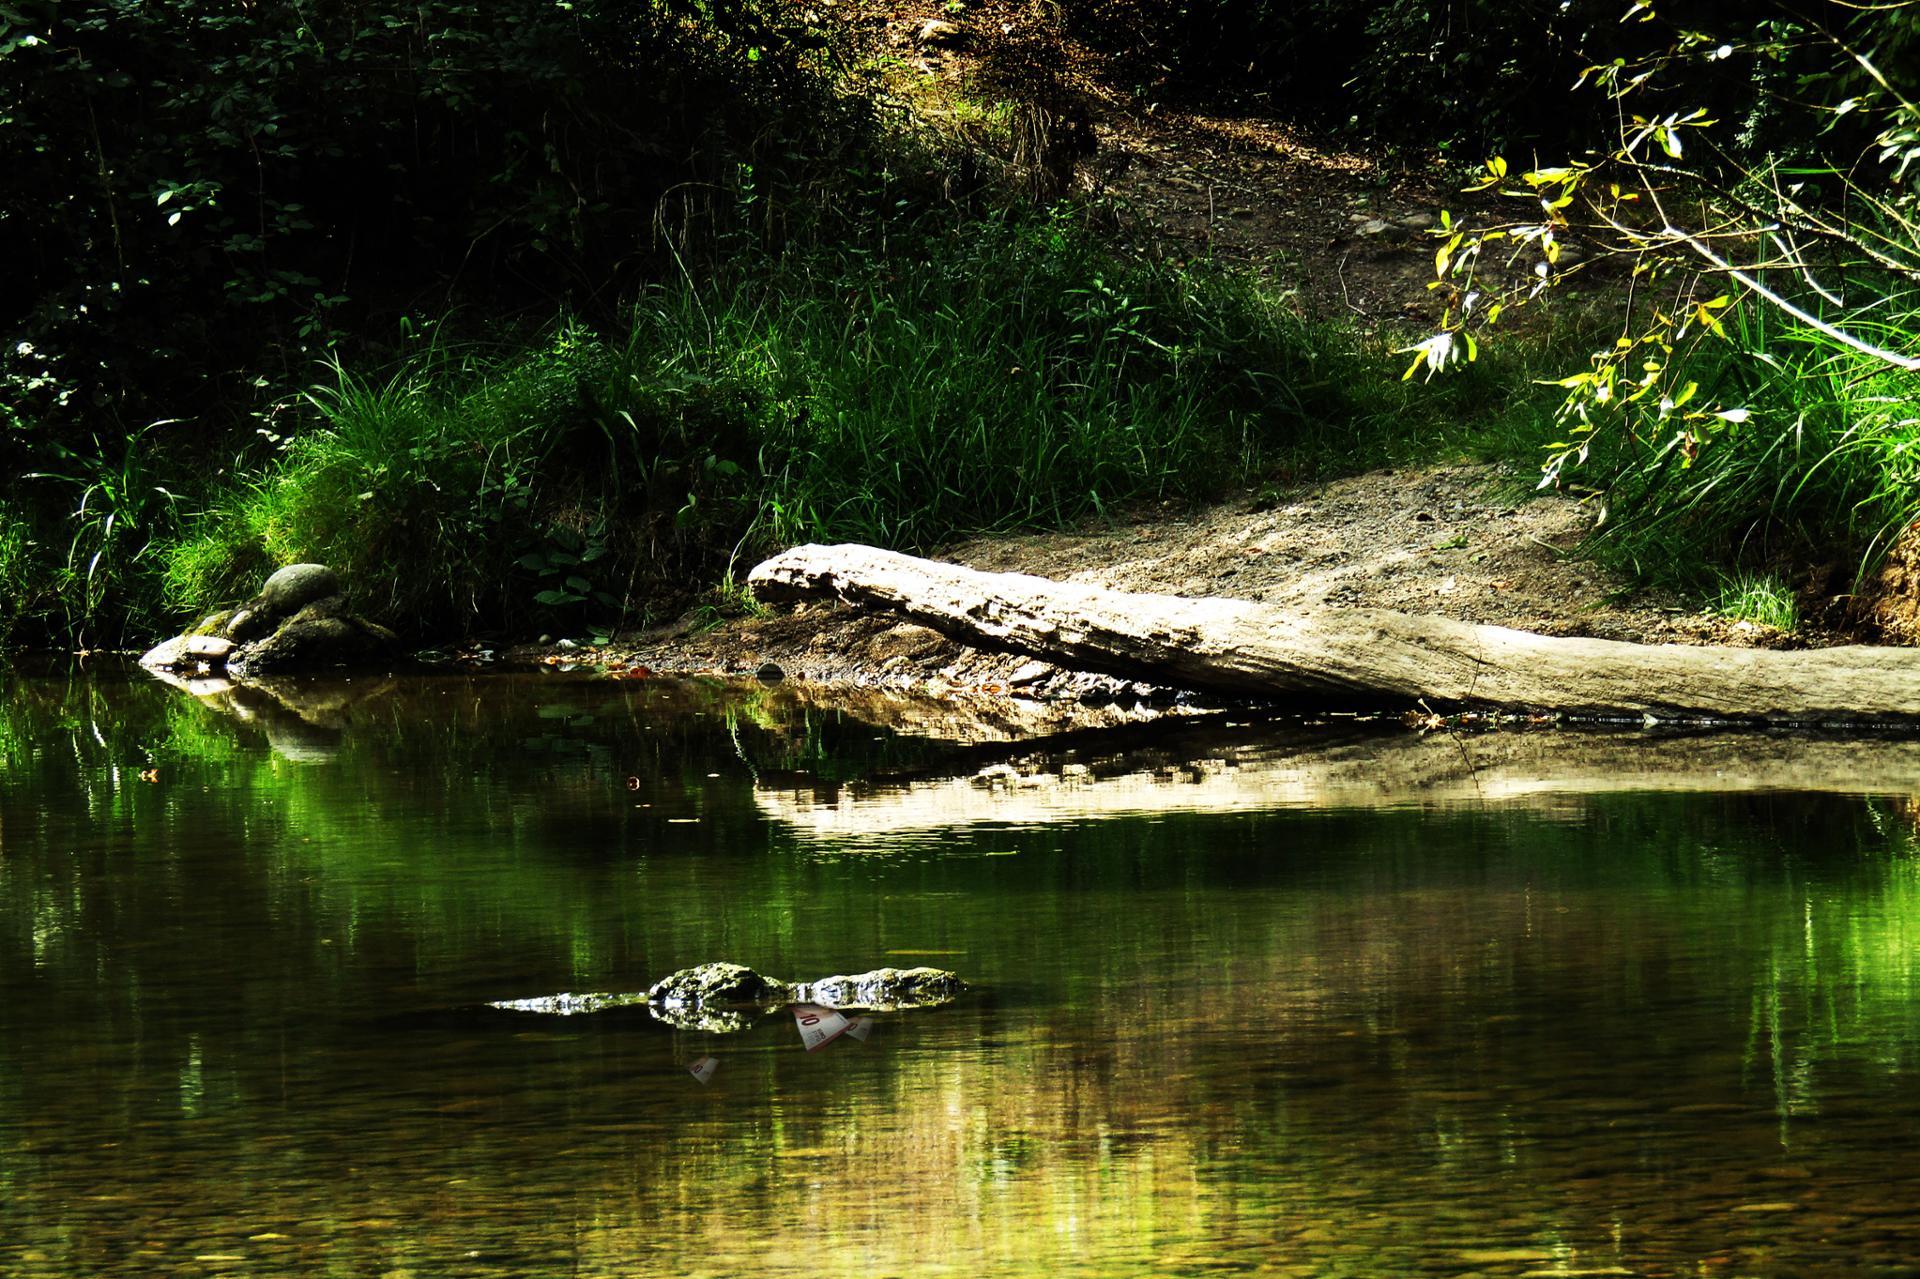 Le repas des crocodiles.